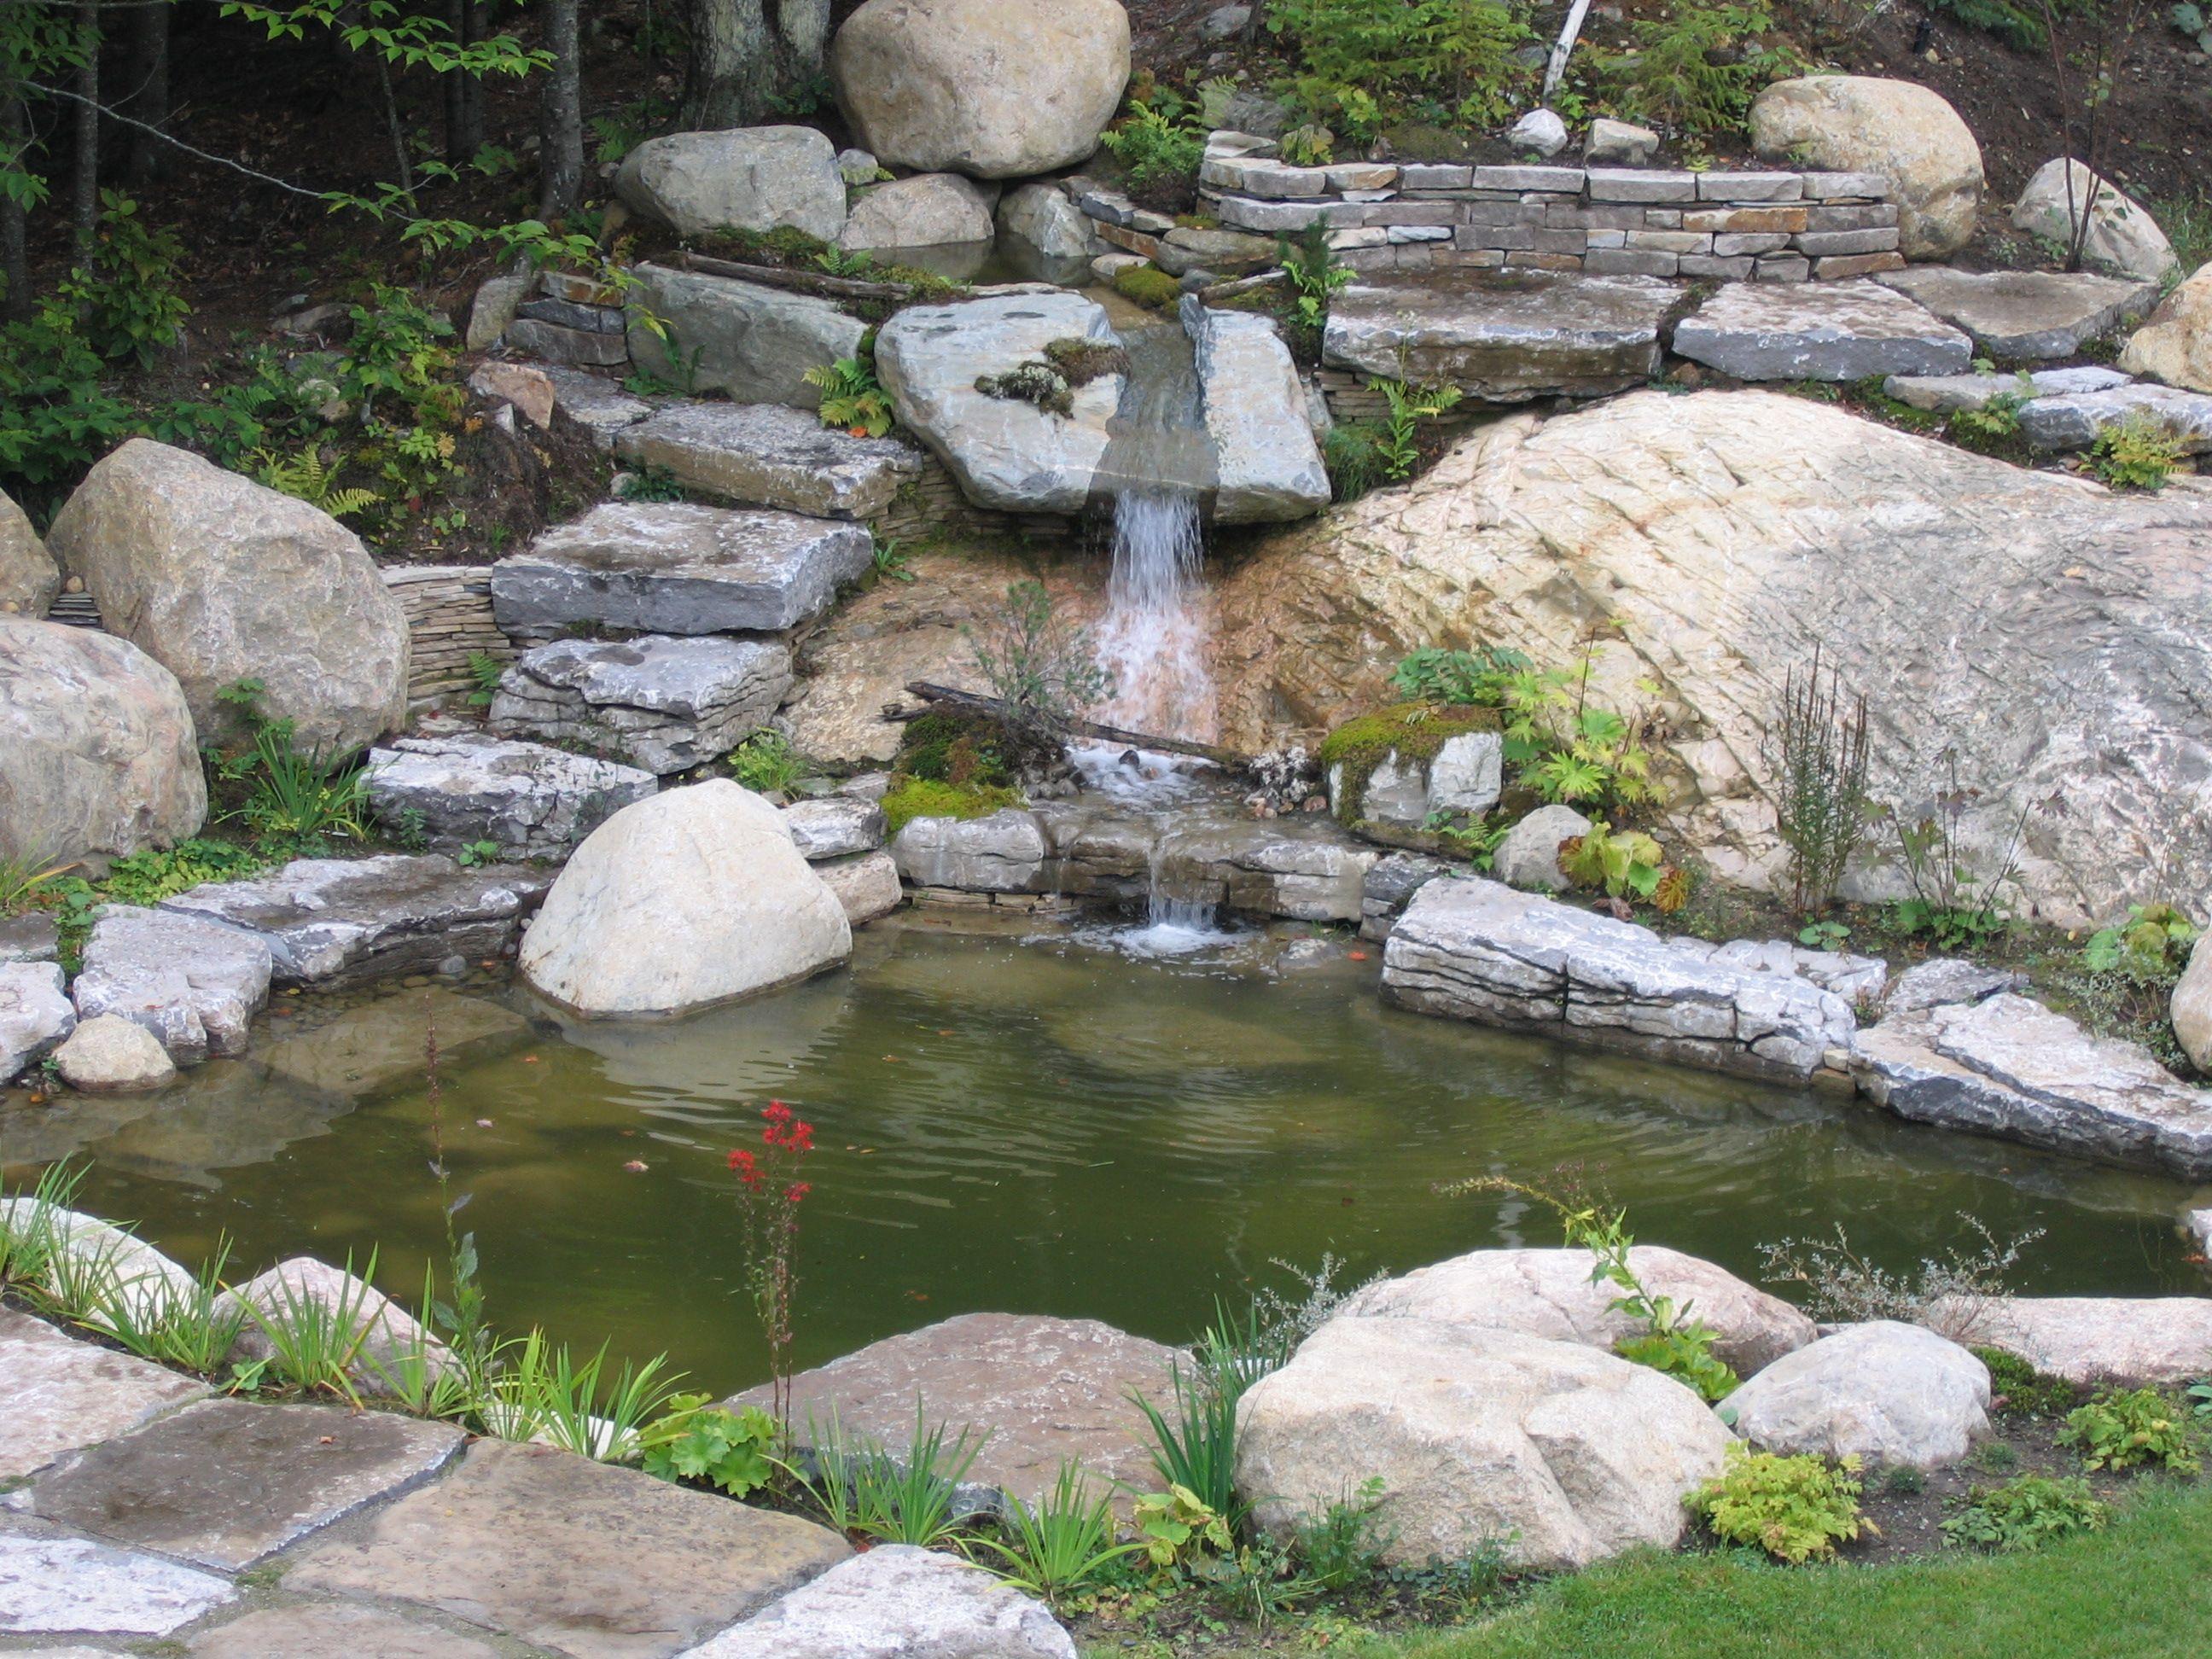 un bassin d 39 eau stagnante parfait lieu de s r nit et zen attitude dans la r gion des. Black Bedroom Furniture Sets. Home Design Ideas